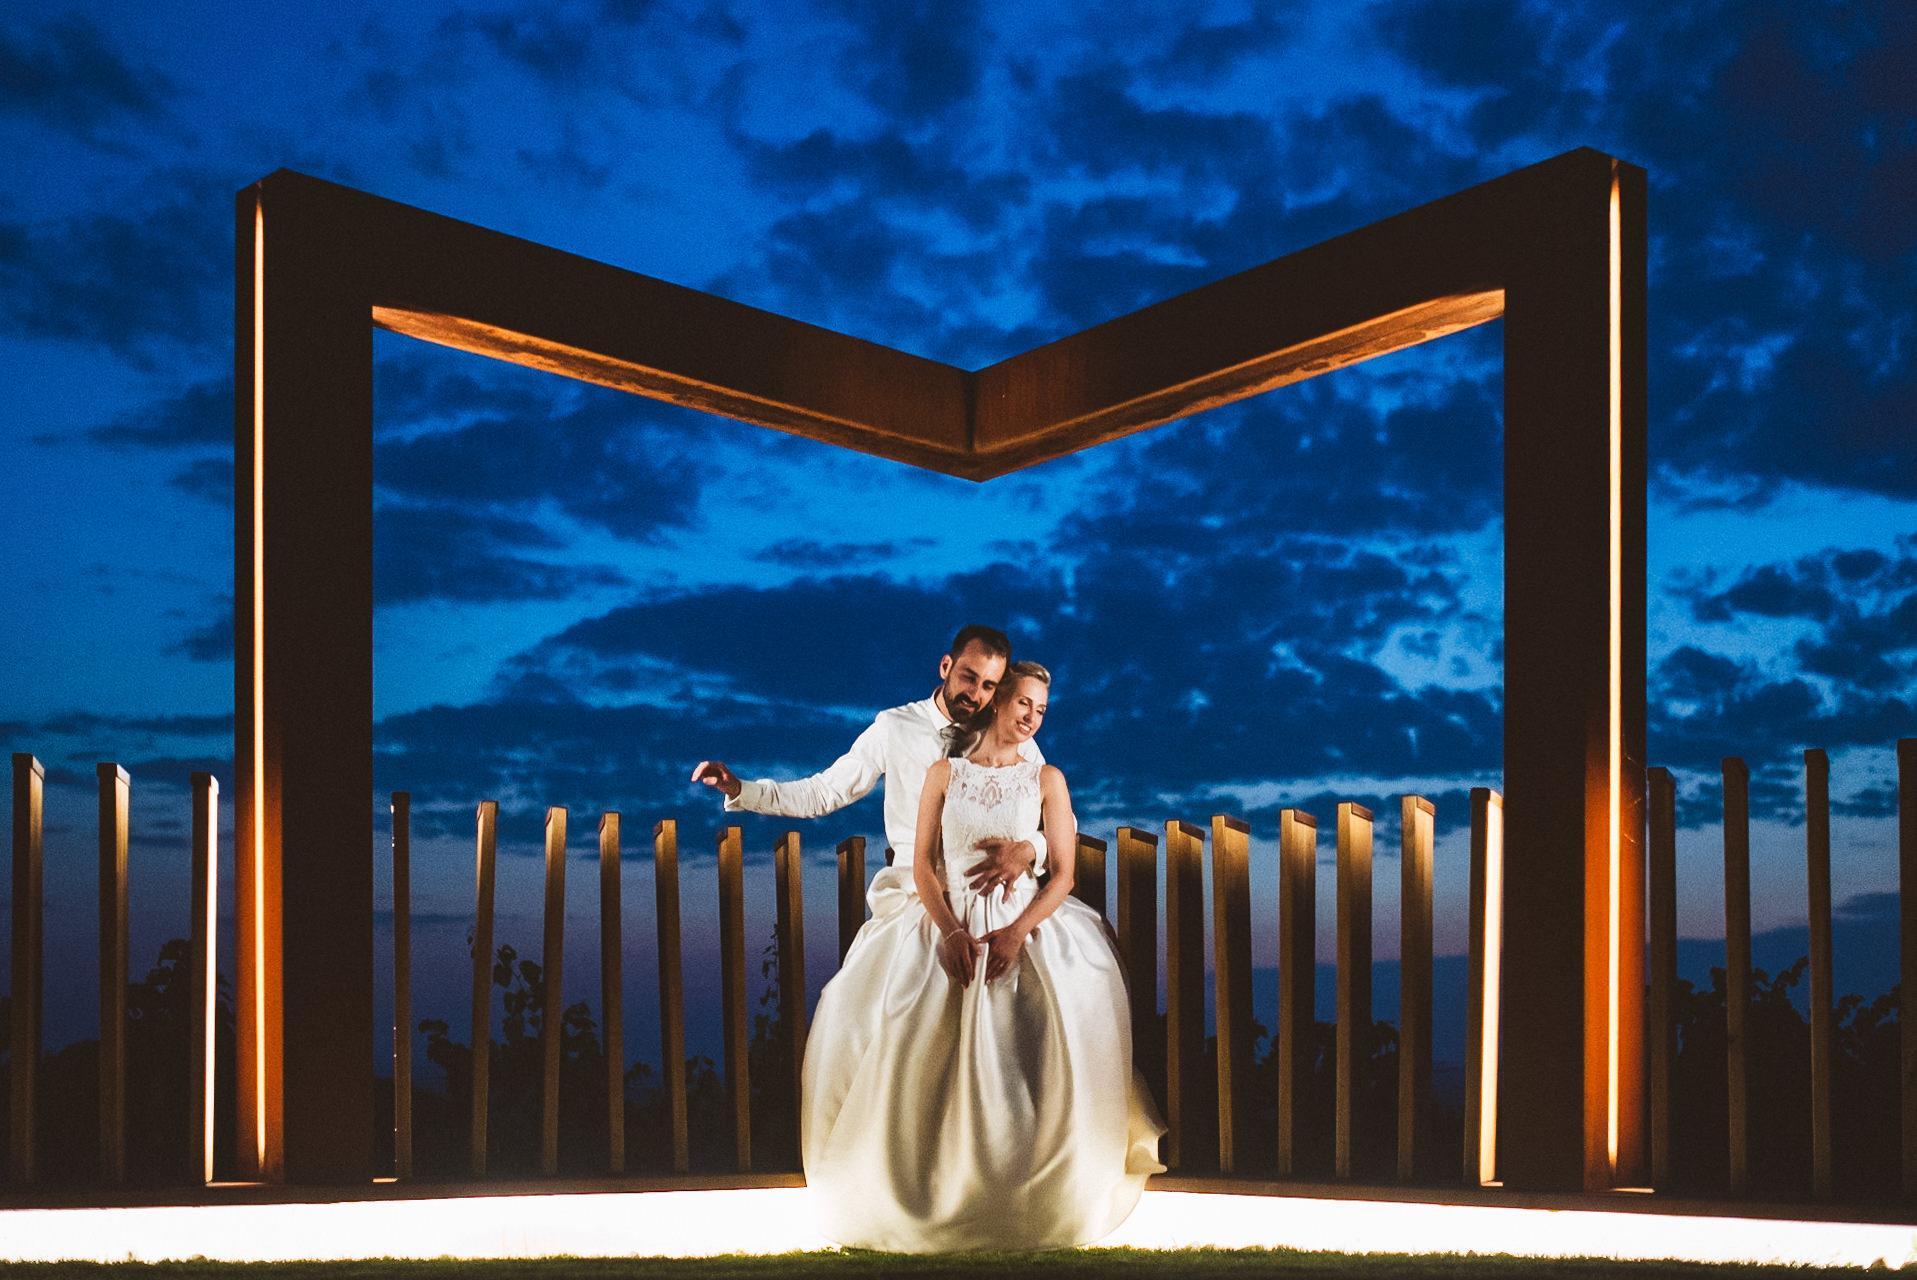 slika 30 - Wedding photography